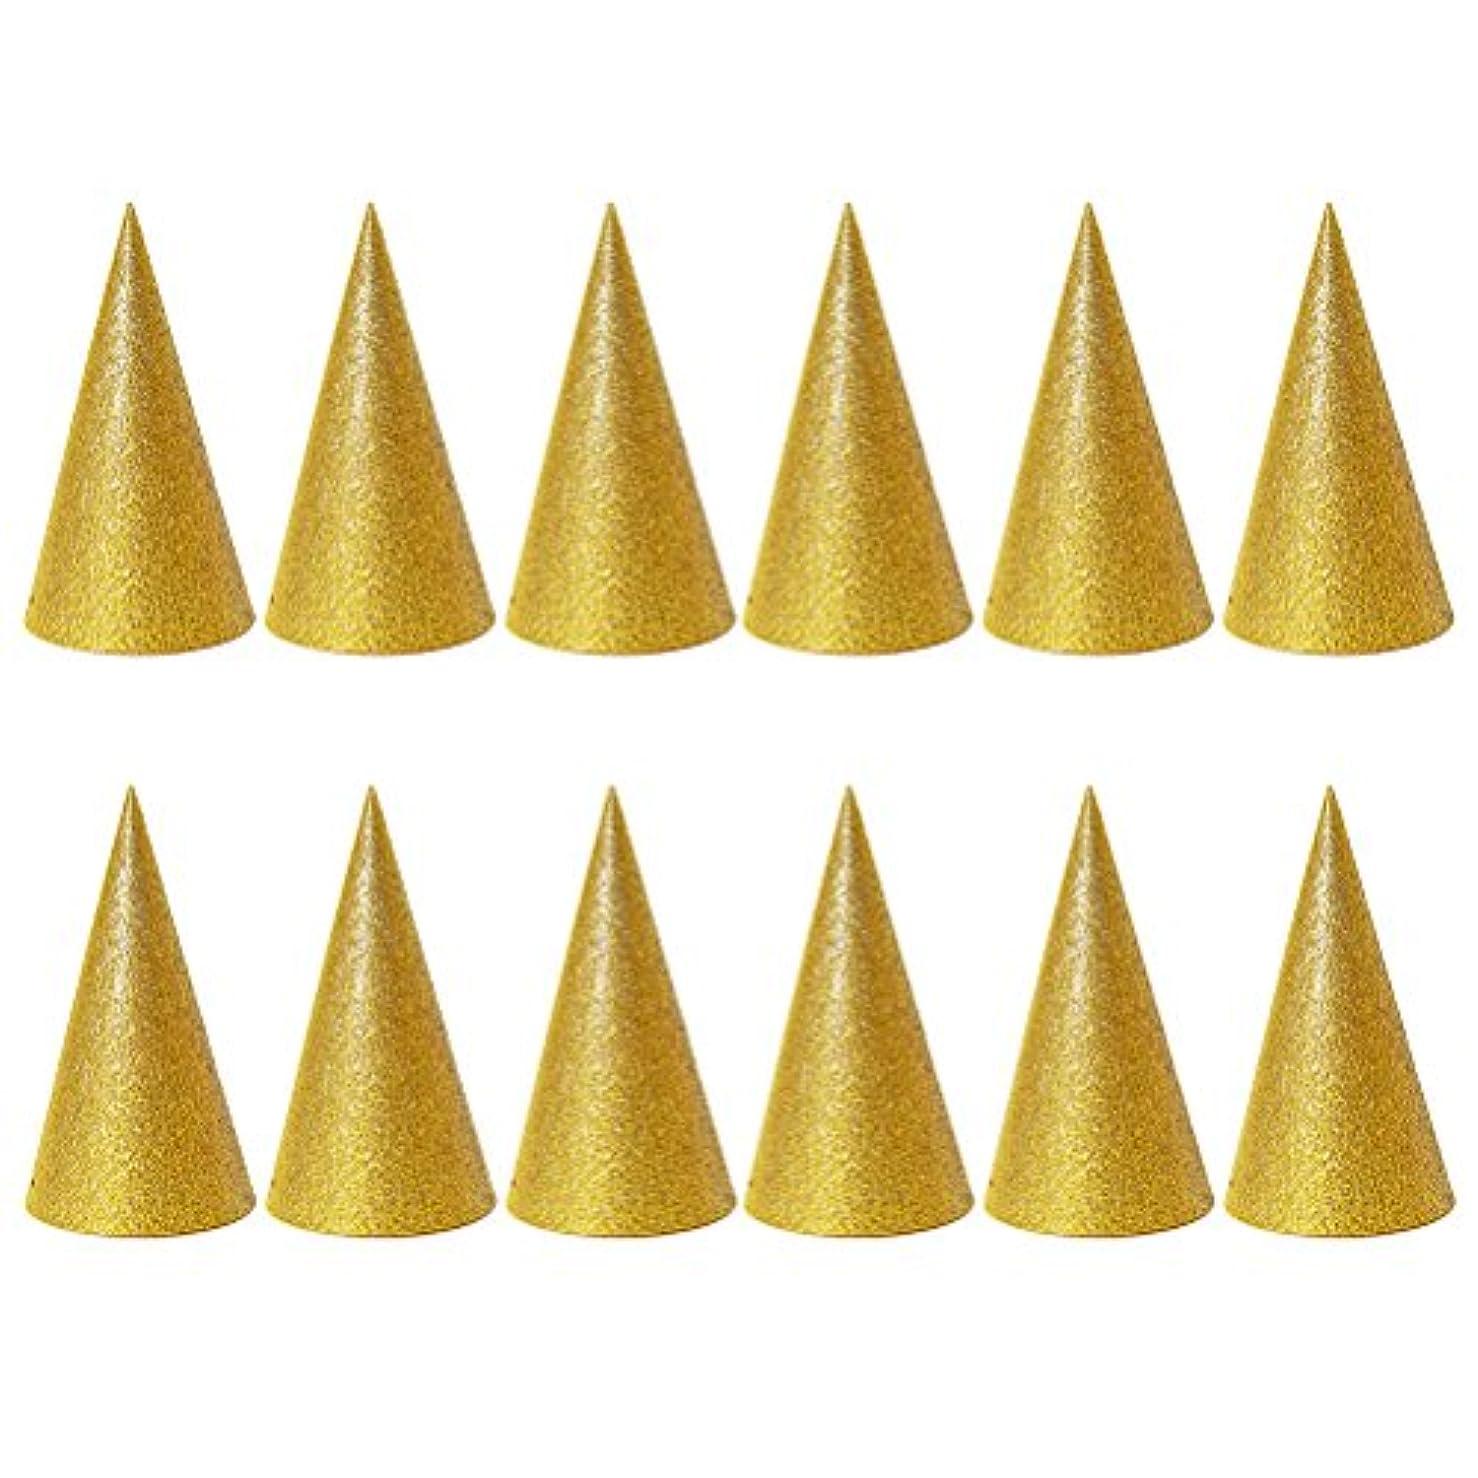 自然ワークショップ提出するSUPVOX 子供と大人のパーティーのための12個のキラキラコーンパーティー帽子トライアングルバースデー帽子は装飾を飾ります(ゴールデン)